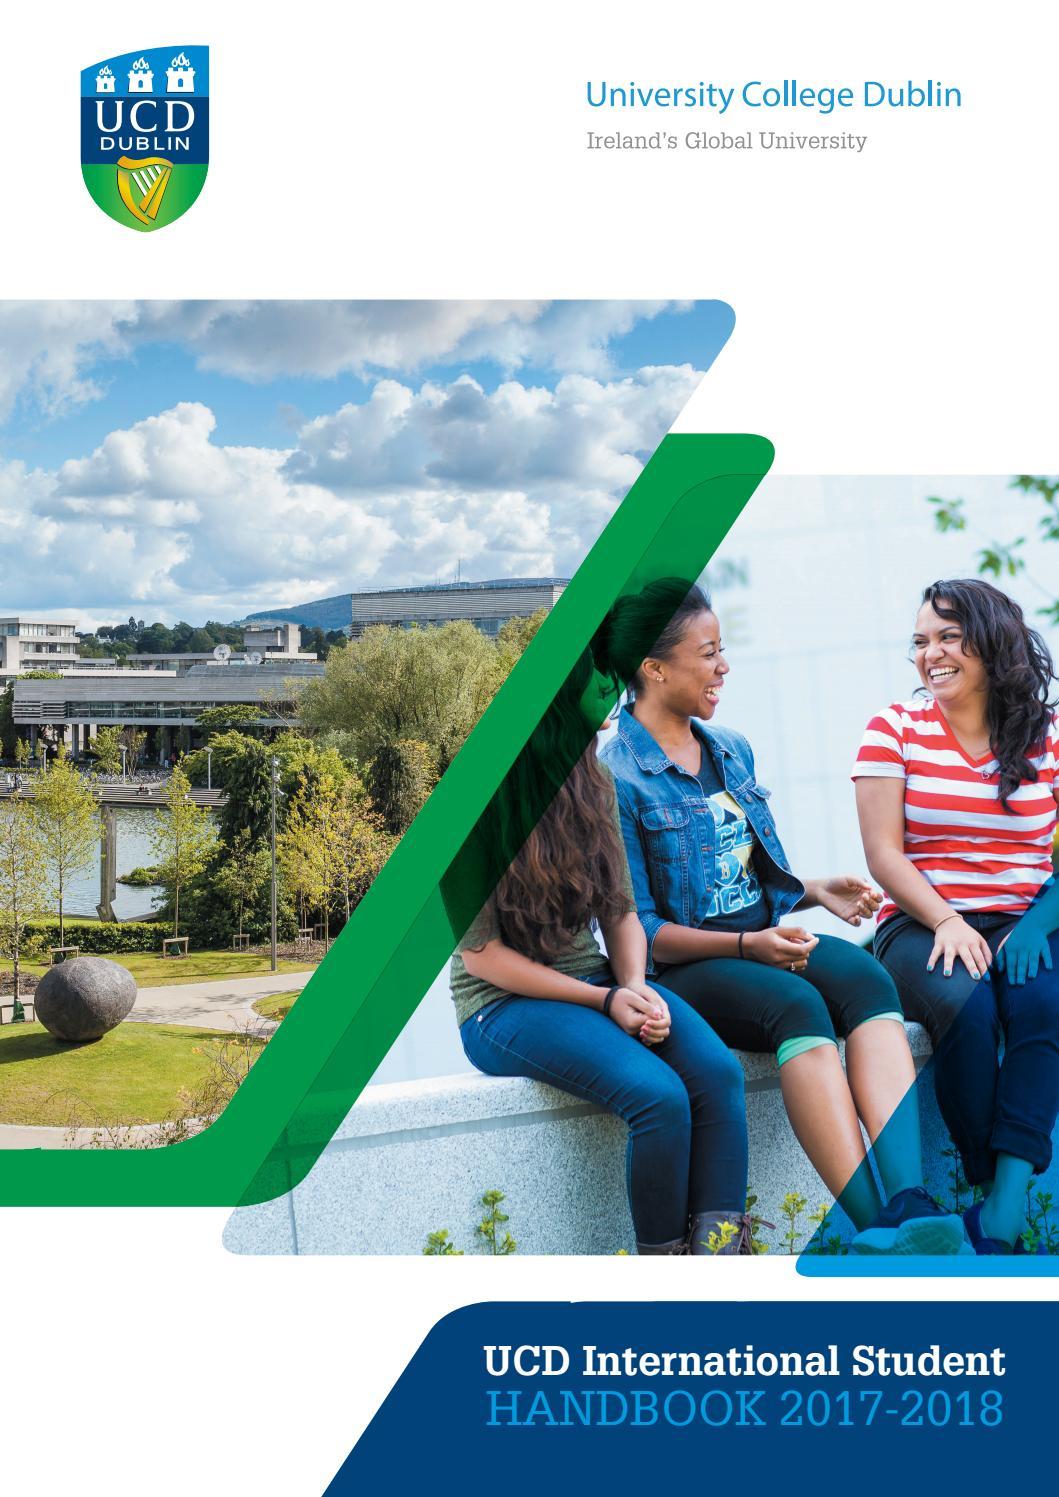 Rathmines College - PLC QQI Level 6 & 6 Courses in